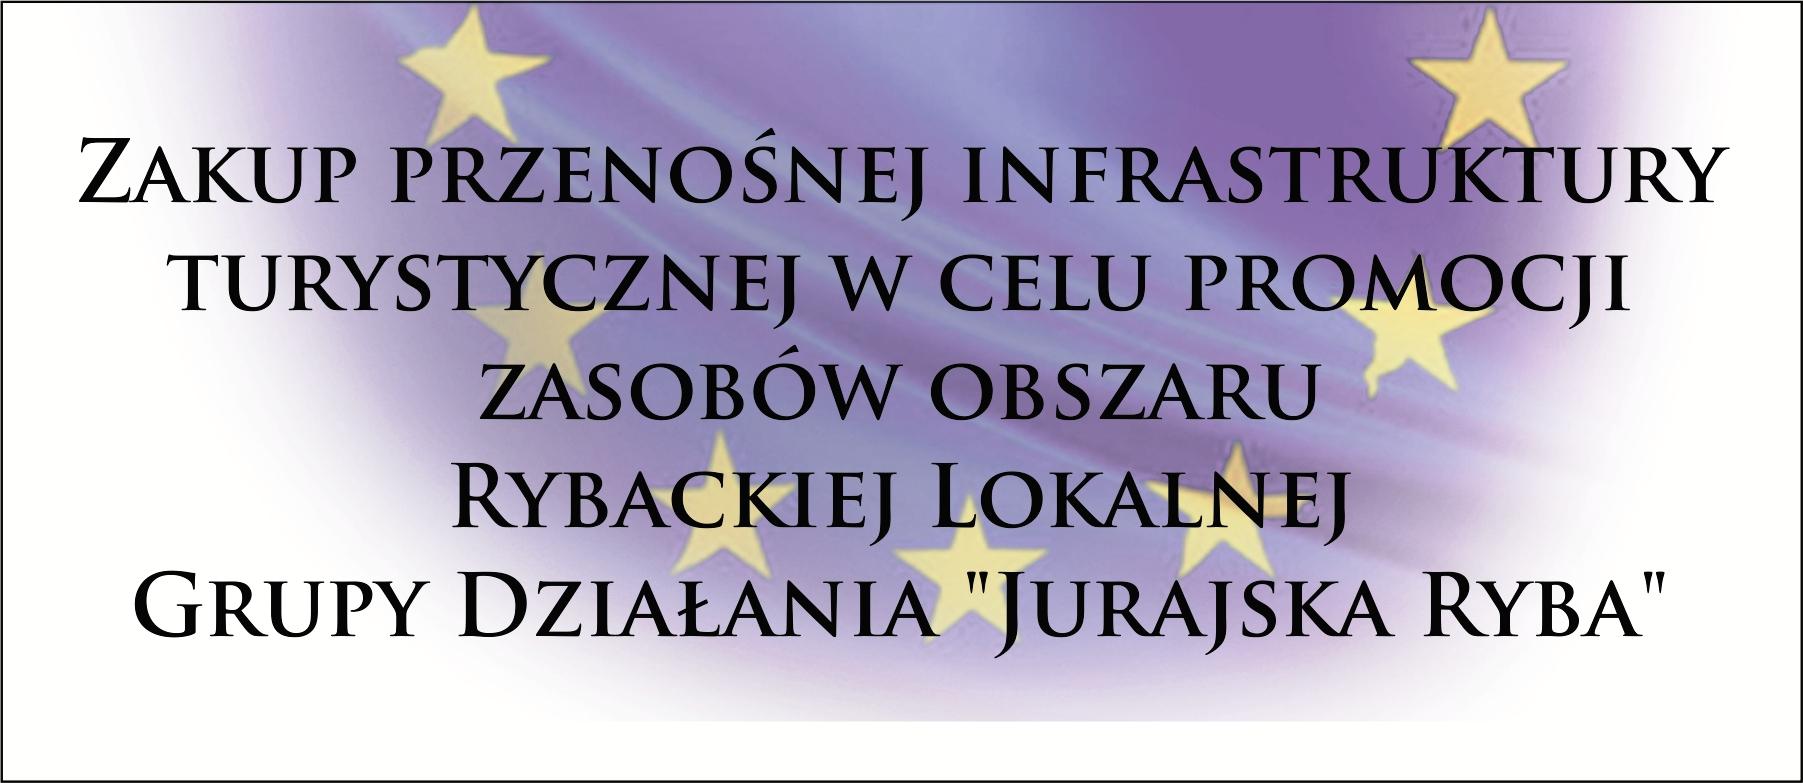 zakup_przenosnej_infrastruktury.jpg